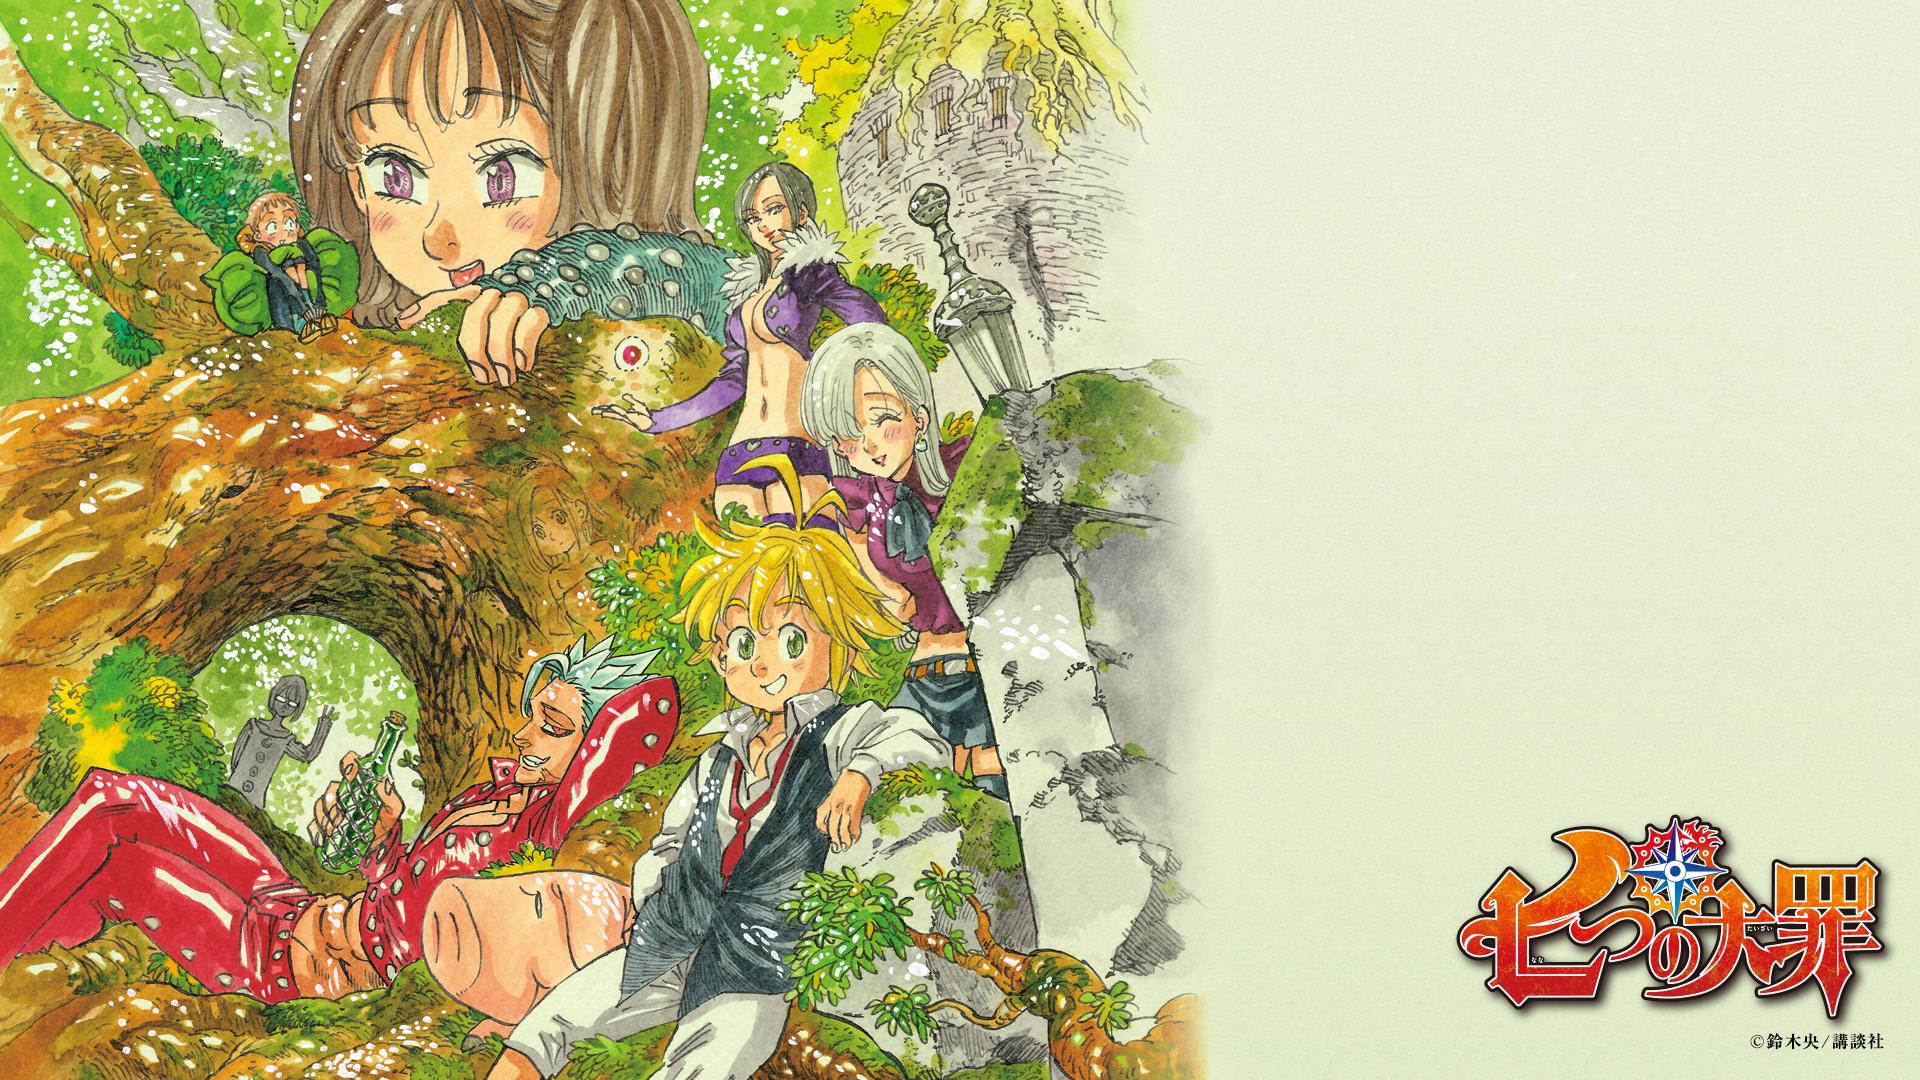 Image wallpaper nanatsu no taizai wiki fandom - Nanatsu no taizai wiki ...